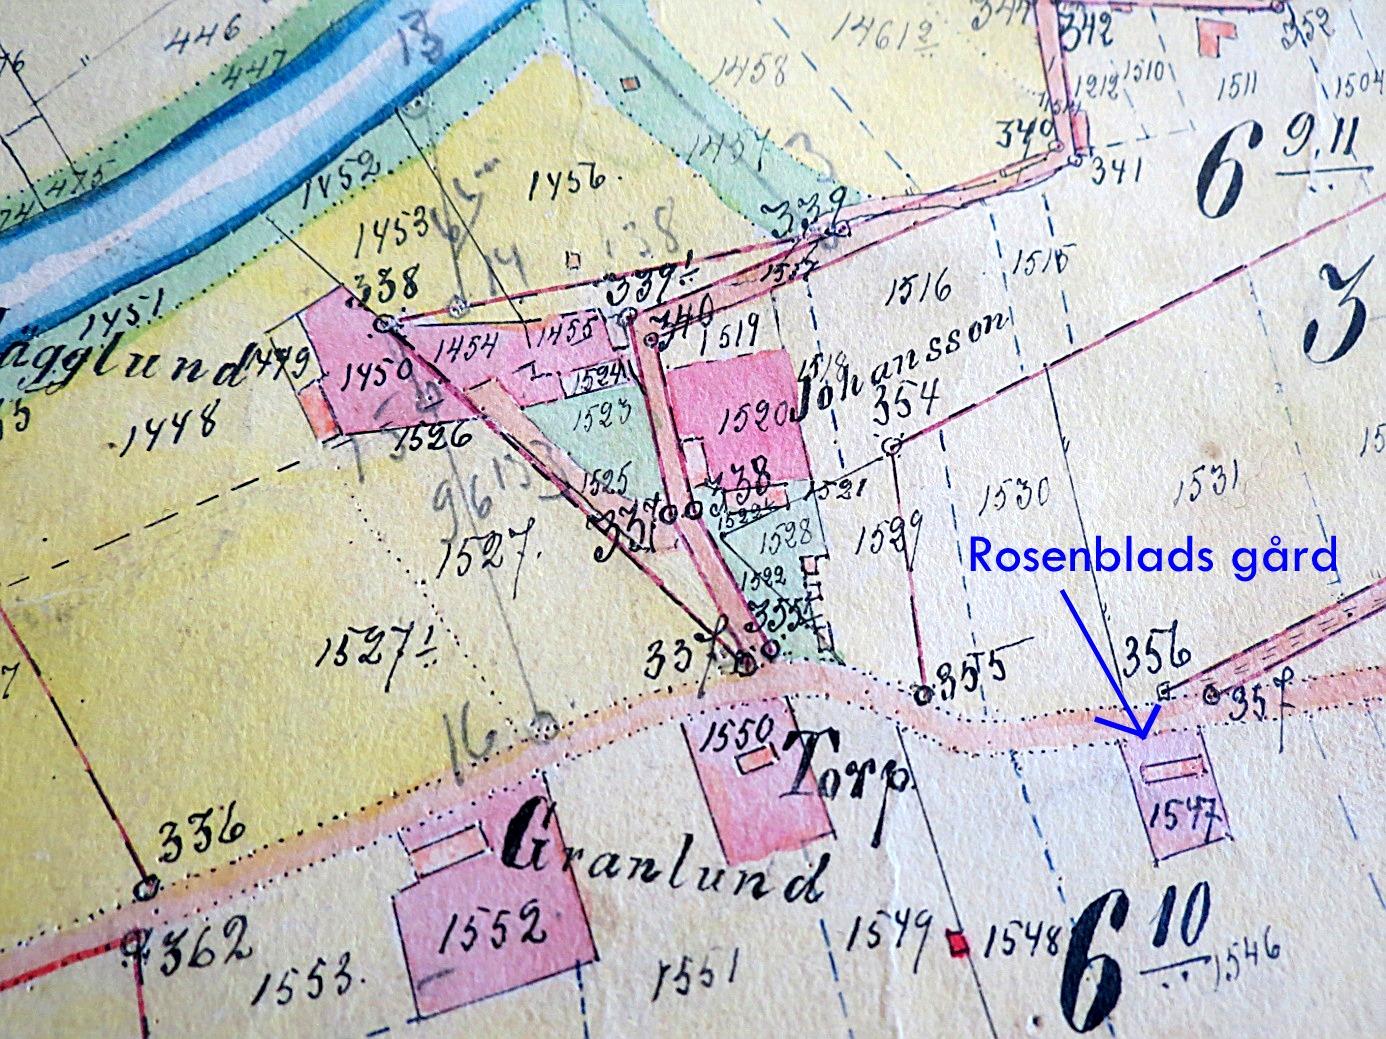 """På storskifteskartan från 1900-1912, så ser vi Storåvägen där den gick ungefär på samma ställe som i dag. Figur 1552 är """"Pala-Alvaras"""" och figur 1547 till höger är Rosenblads stuga eller torp. Det är oklart vems torp som syns mitt på fotot men möjligtvis kan det vara den lillstuga som i något skede flyttades till Pala-Alvar Granlunds gård. Det är också möjligt att det är """"Pala-Viktor"""" Hägglunds, där han bodde före han köpte ett hemman på andra sidan Storåvägen. Pala-Viktor köpte år 1909 halva hemmanet Johansson och det är möjligt att han flyttade torpet dit som lillstuga eller sytningsbostad."""